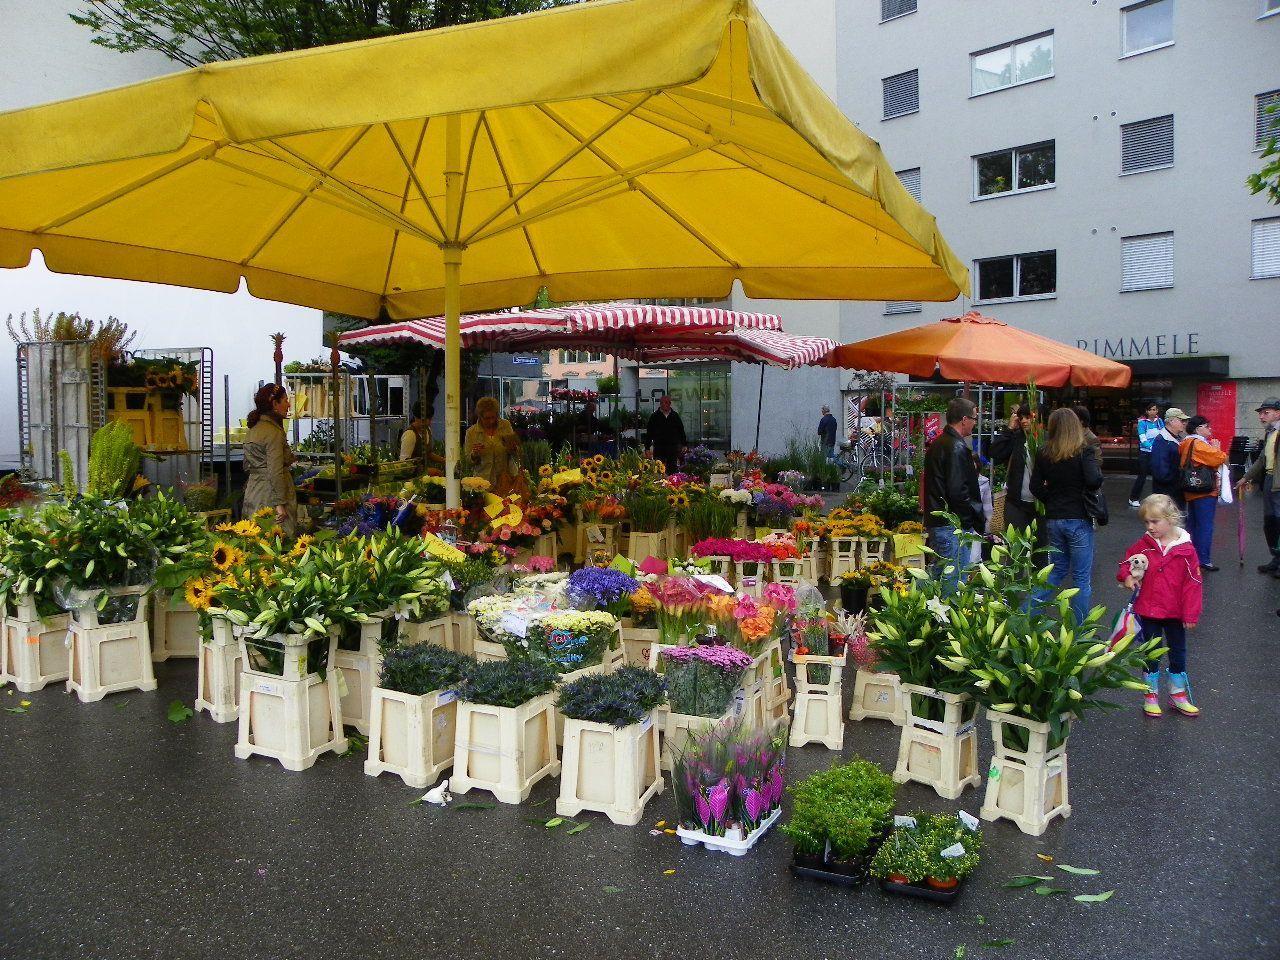 Blumenmarkt macht Platz für den Eislaufplatz